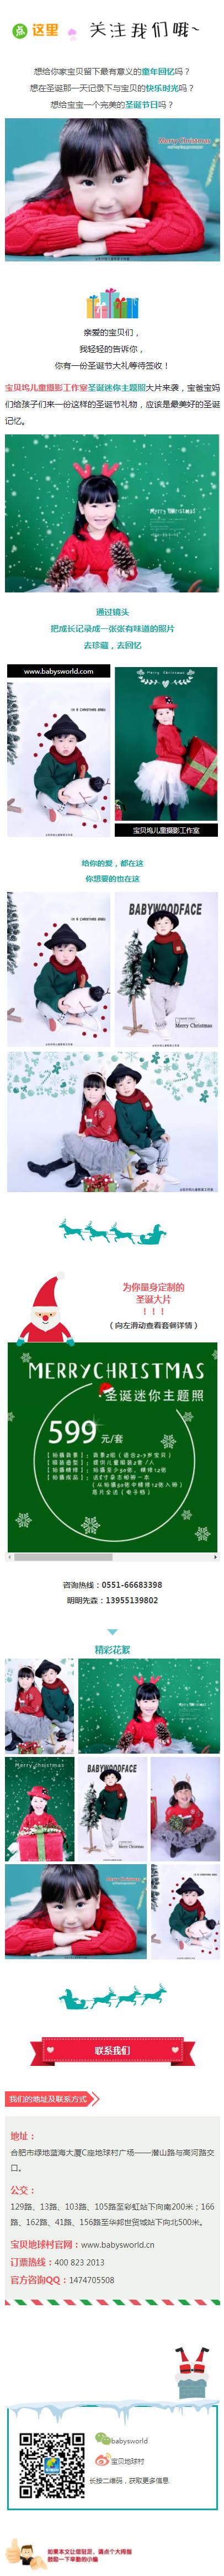 圣诞节日微信活动模板